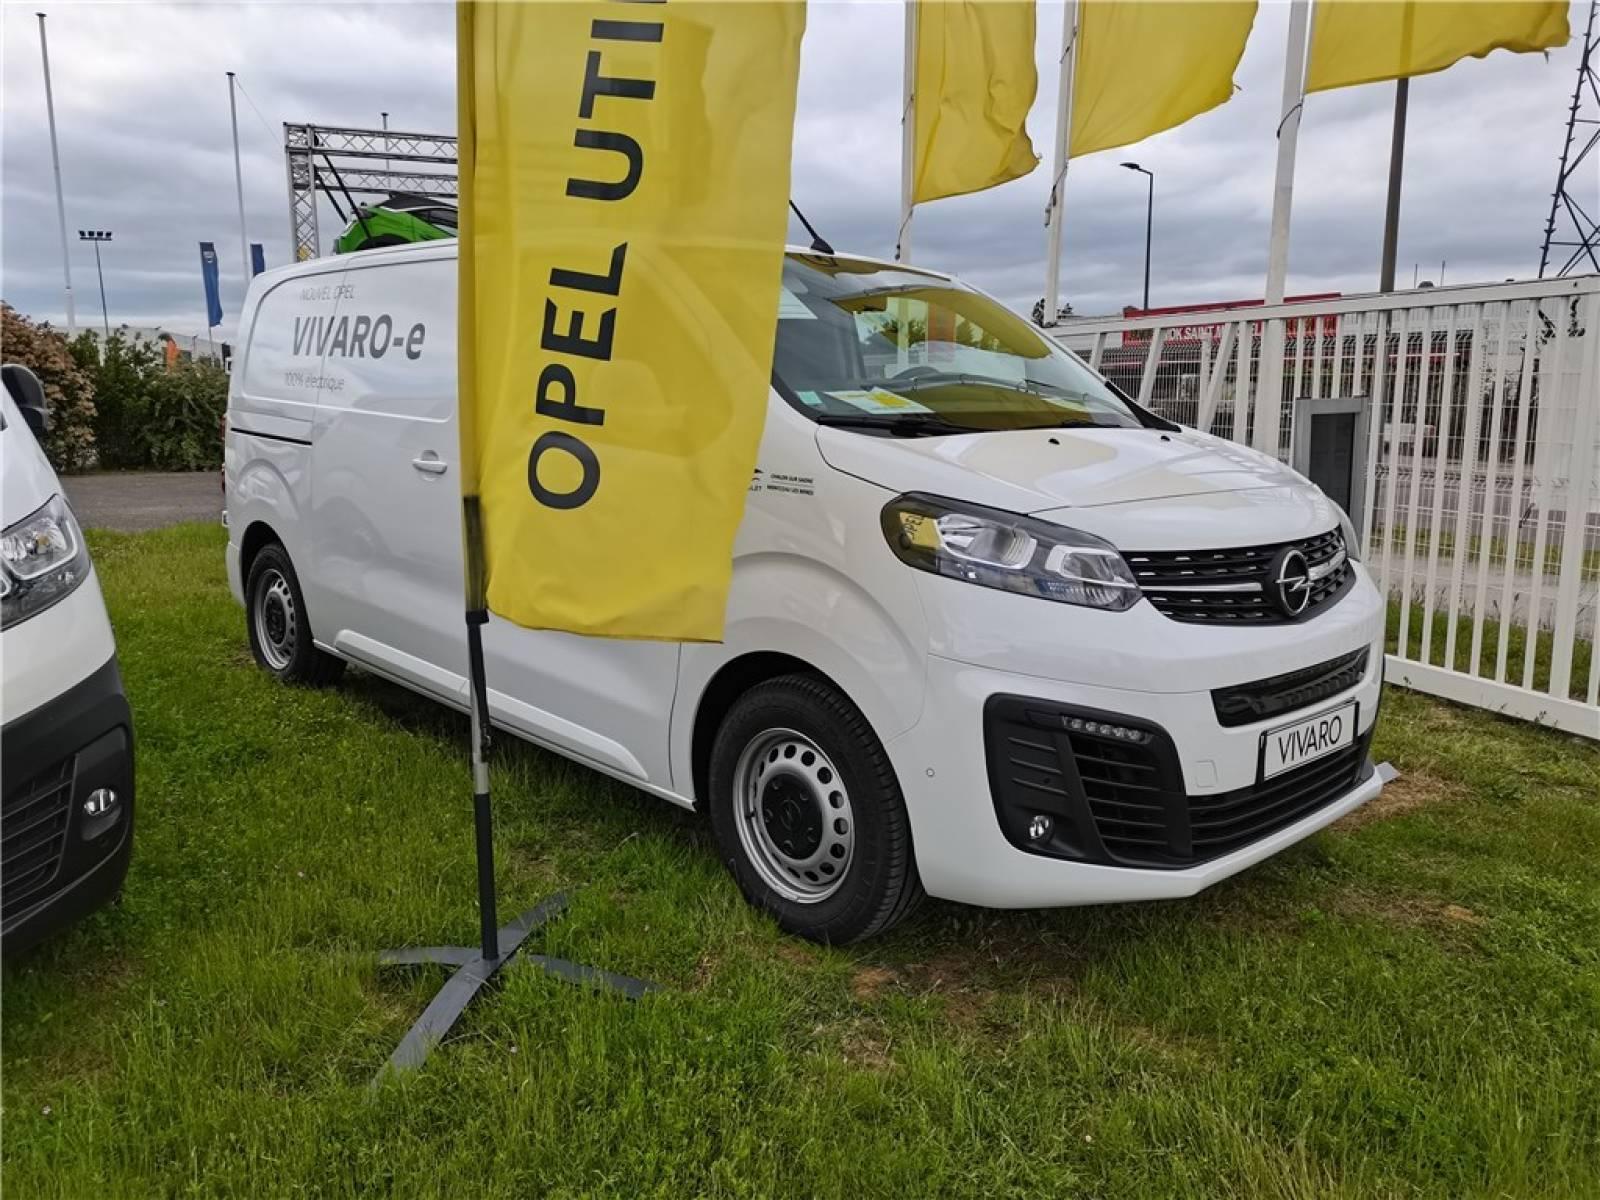 OPEL VIVARO-E FGN L2 300 - véhicule d'occasion - Groupe Guillet - Opel Magicauto - Chalon-sur-Saône - 71380 - Saint-Marcel - 2